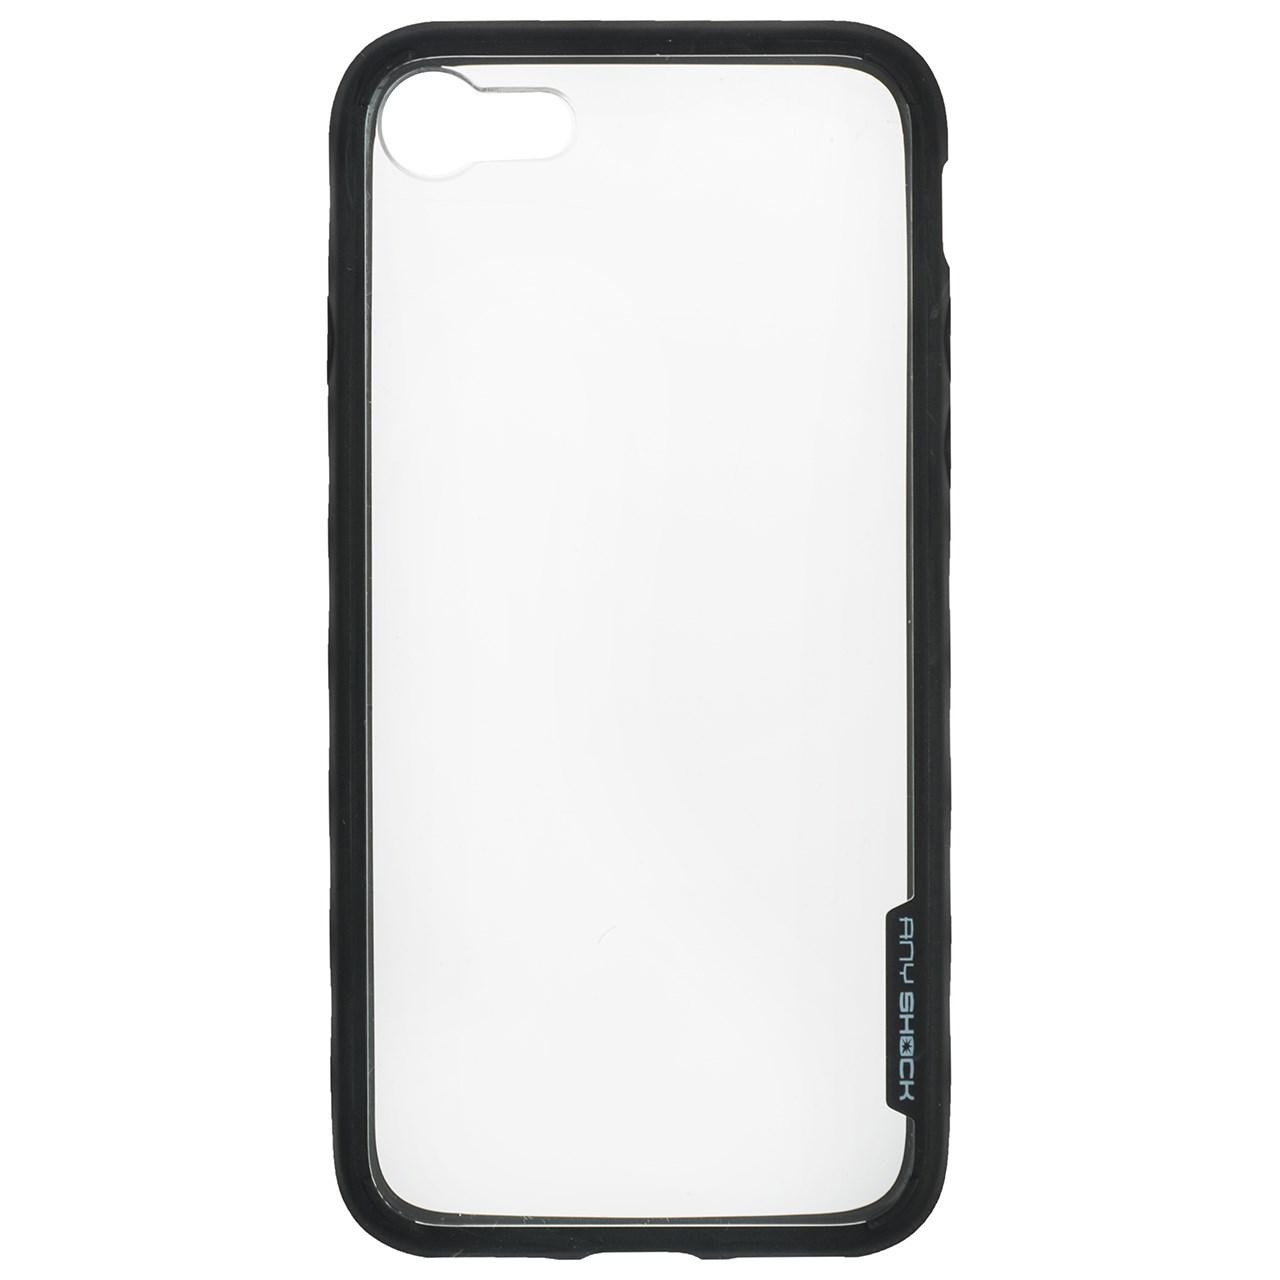 کاور انی شوک مدل Non-Slip Nude مناسب برای گوشی موبایل آیفون 7              ( قیمت و خرید)